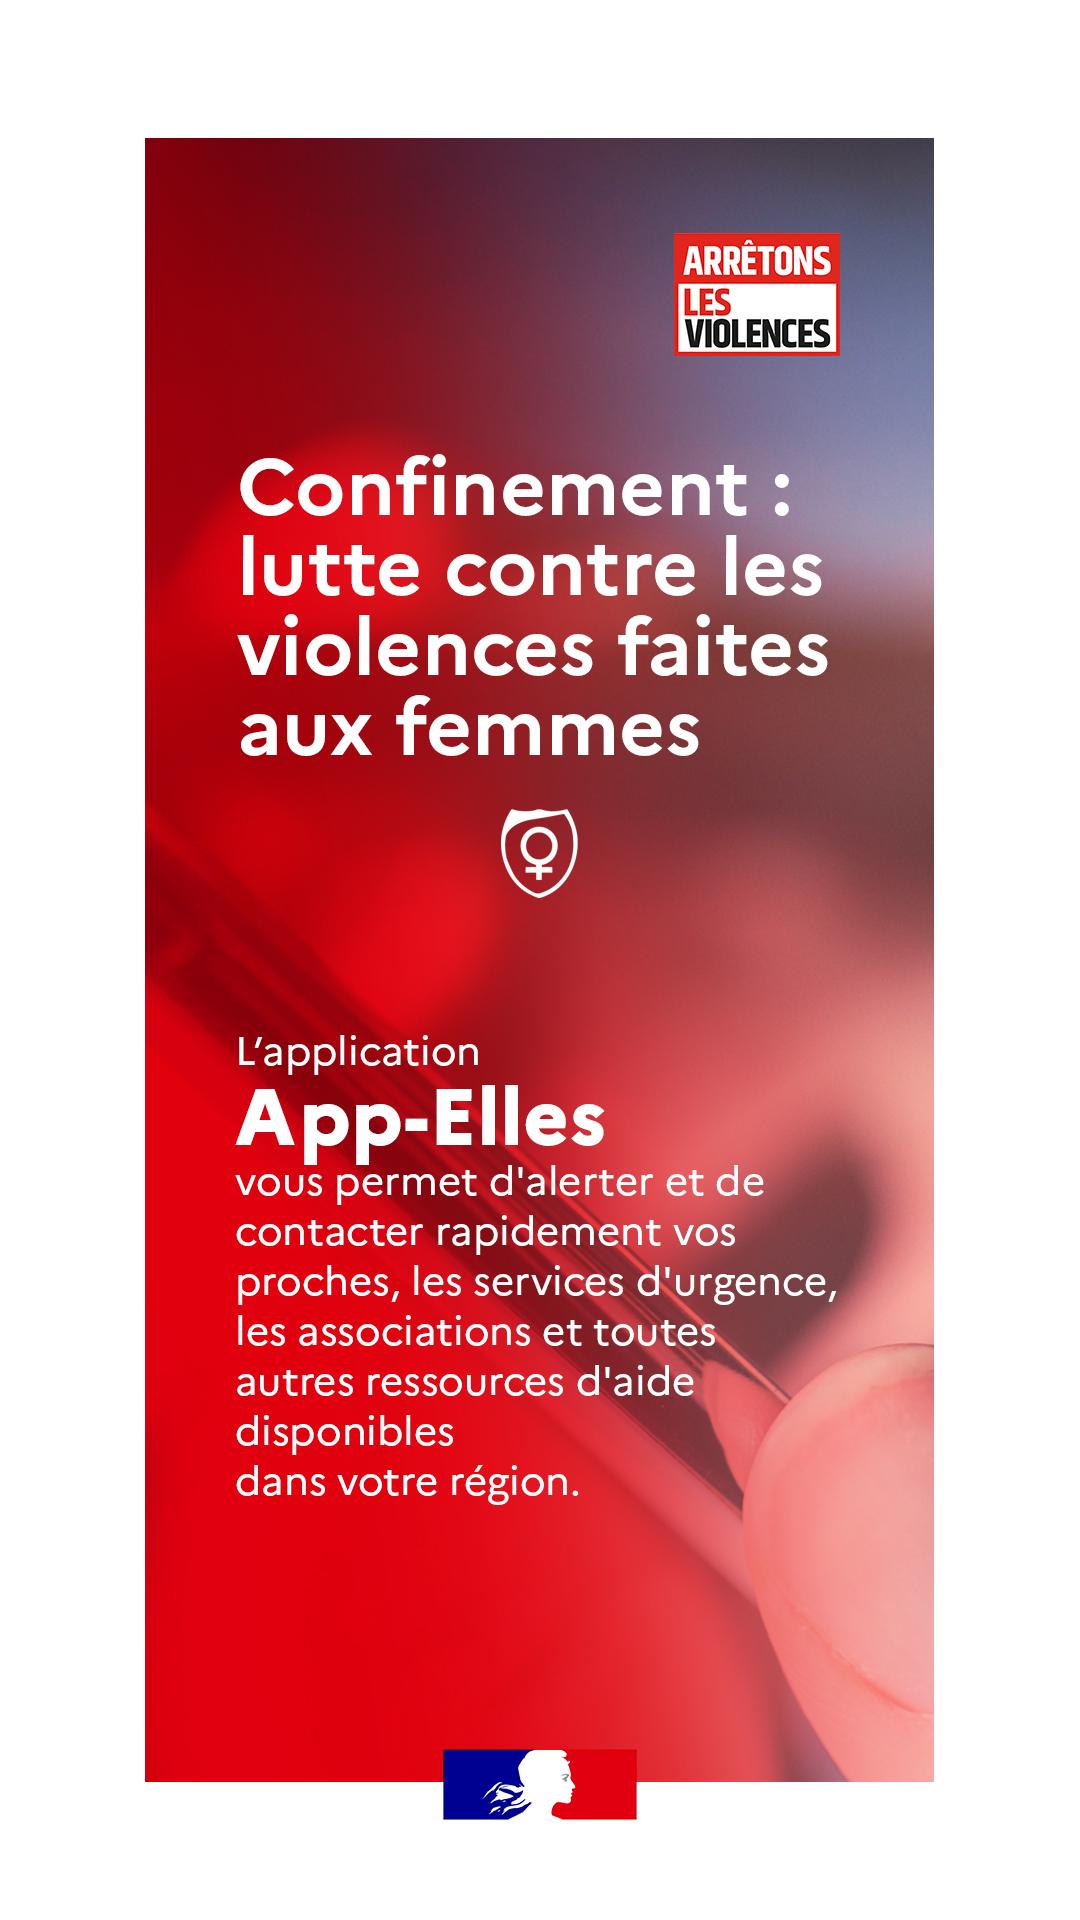 6 Violences Confinement • 1080 x 1920 PX.jpg